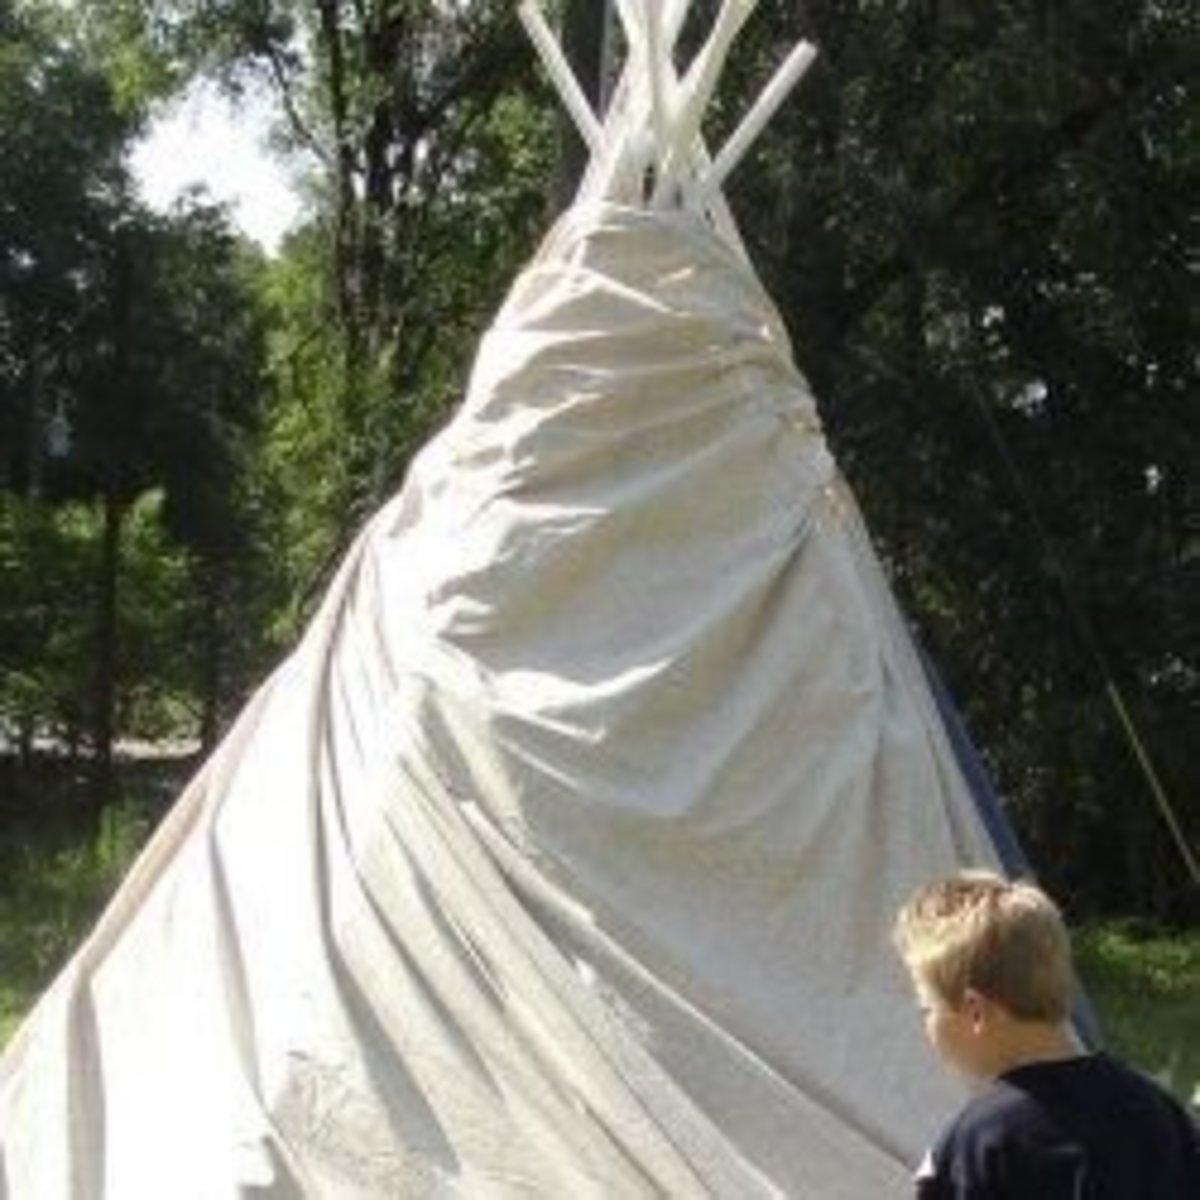 Setting up a tepee